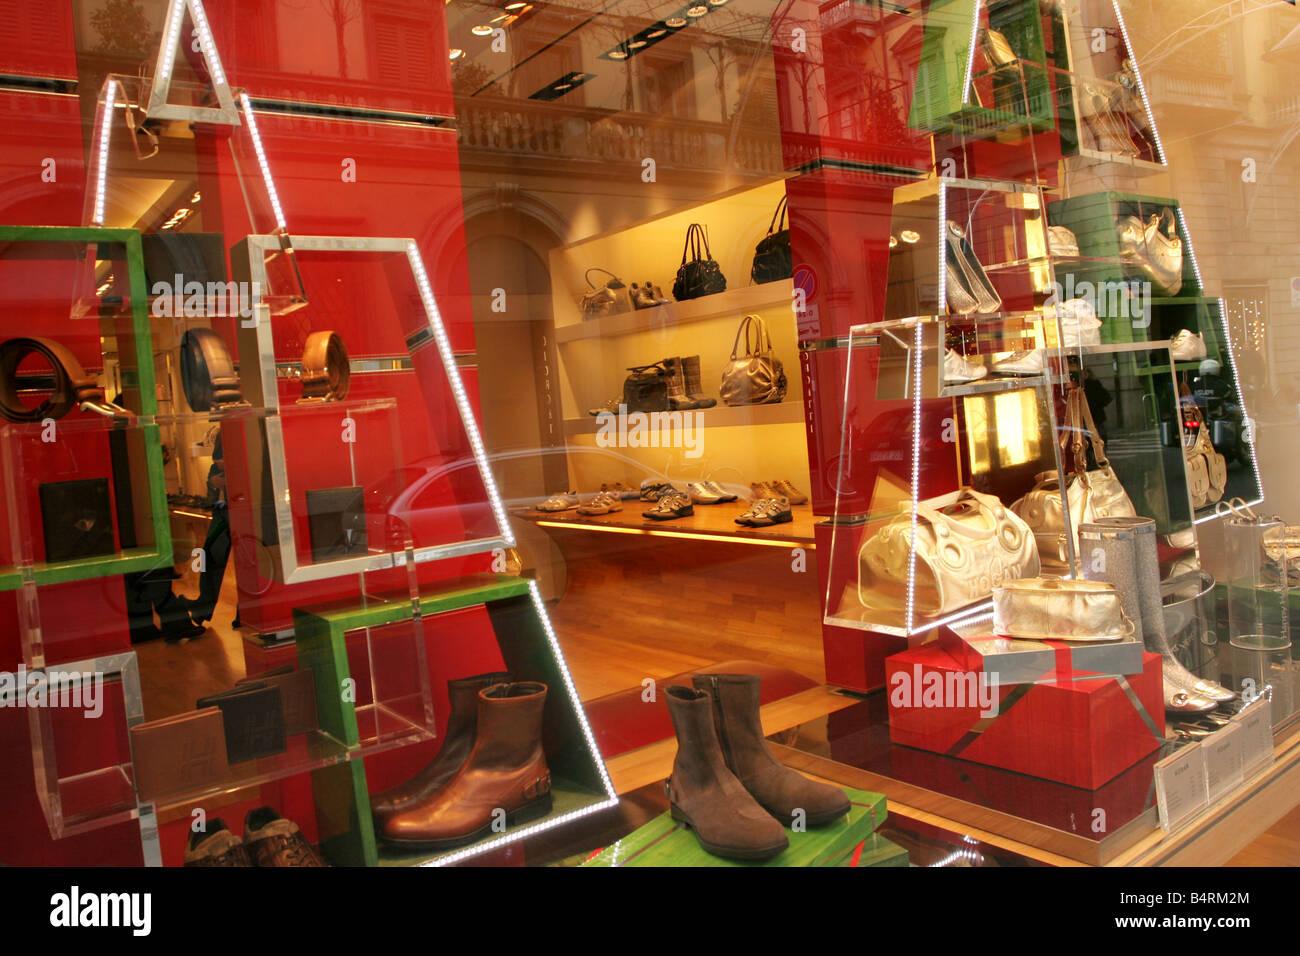 hogan shop in milan